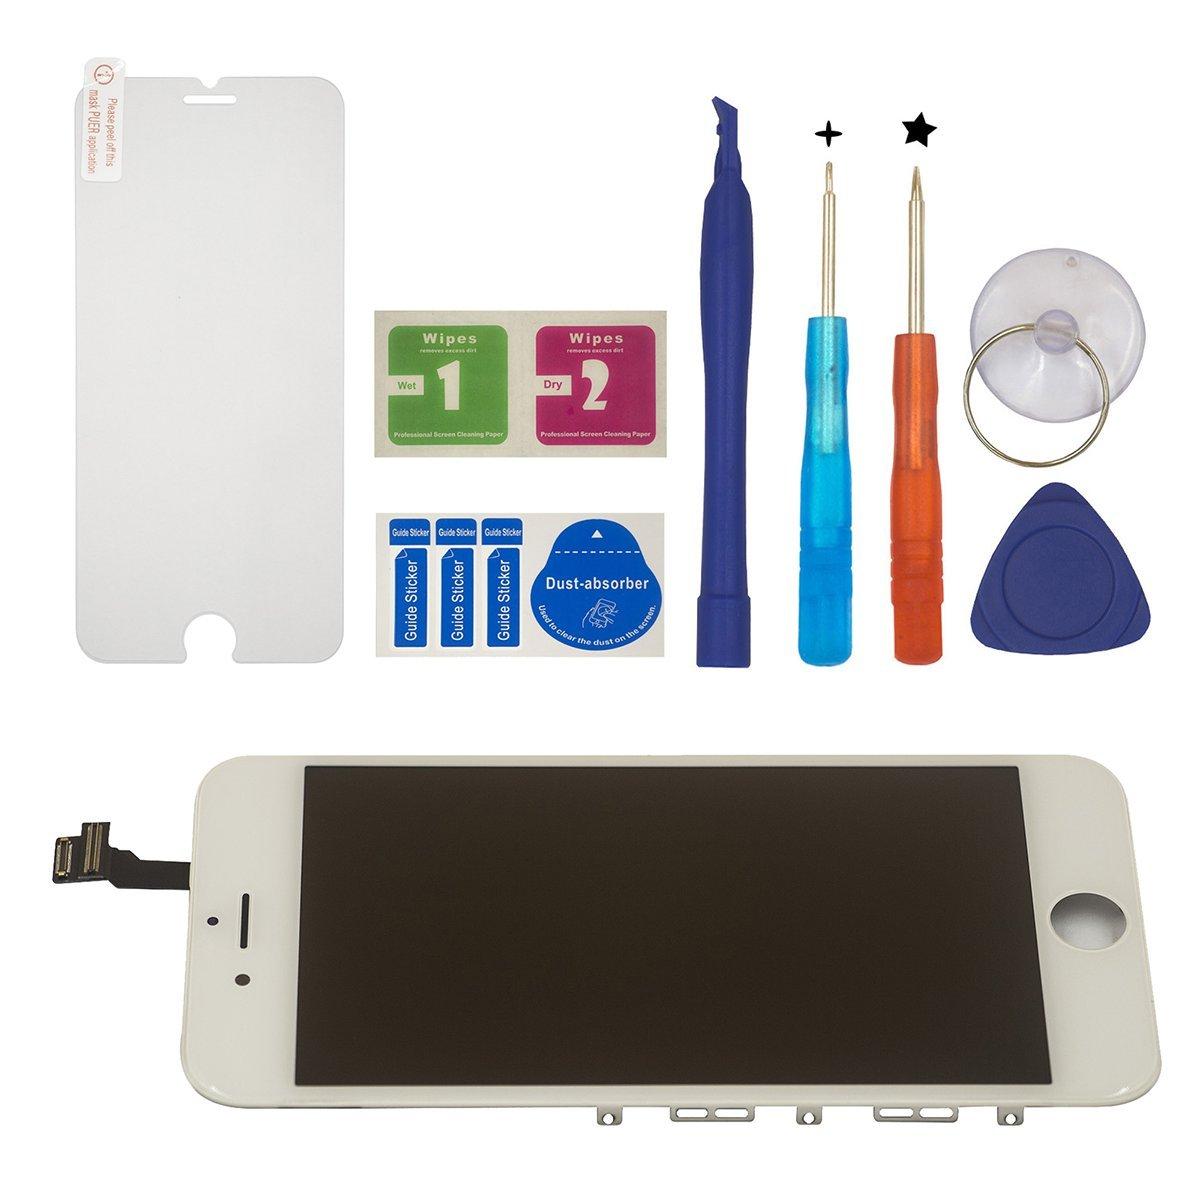 negro BBSELL LCD Pantalla T/áctil Reemplazo De Marco Digital Un Conjunto Completo De Herramientas y Montaje Pantalla De Vidrio Protector Para IPhone 6S 4.7